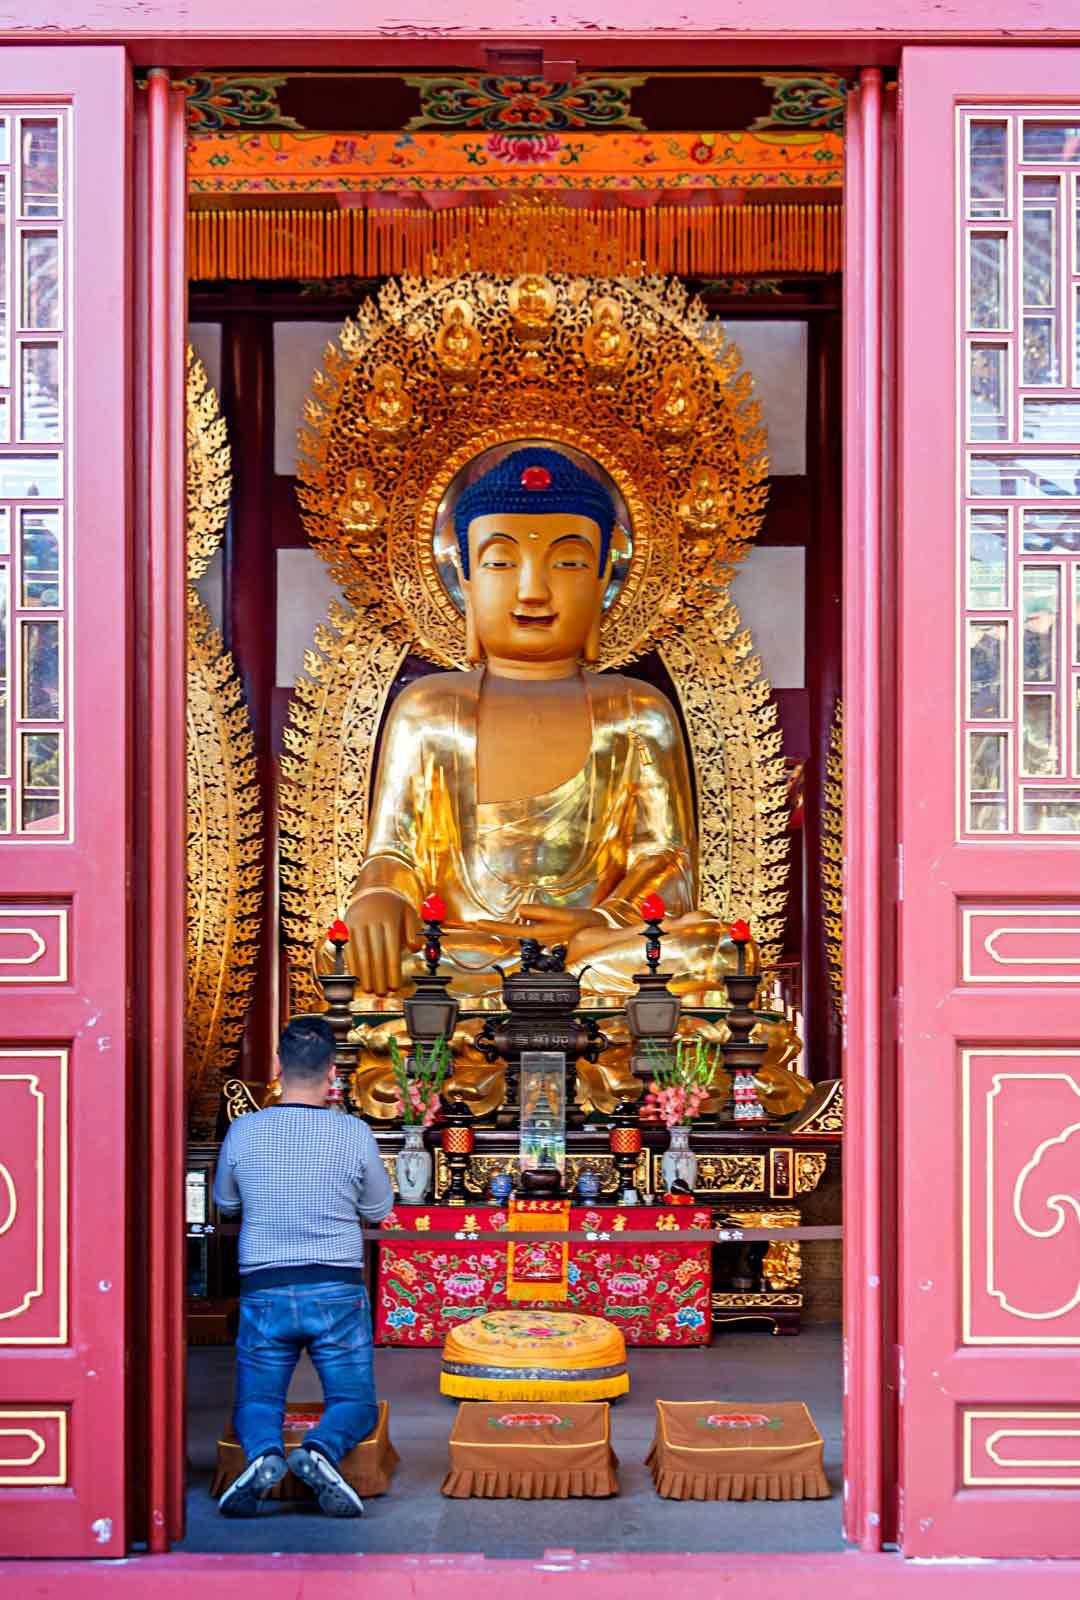 Paikalliset polvistuvat rukoilemaan kolmen valtavan Buddha-patsaan eteen. Ne edustavat mennyttä, nykyistä ja tulevaa.